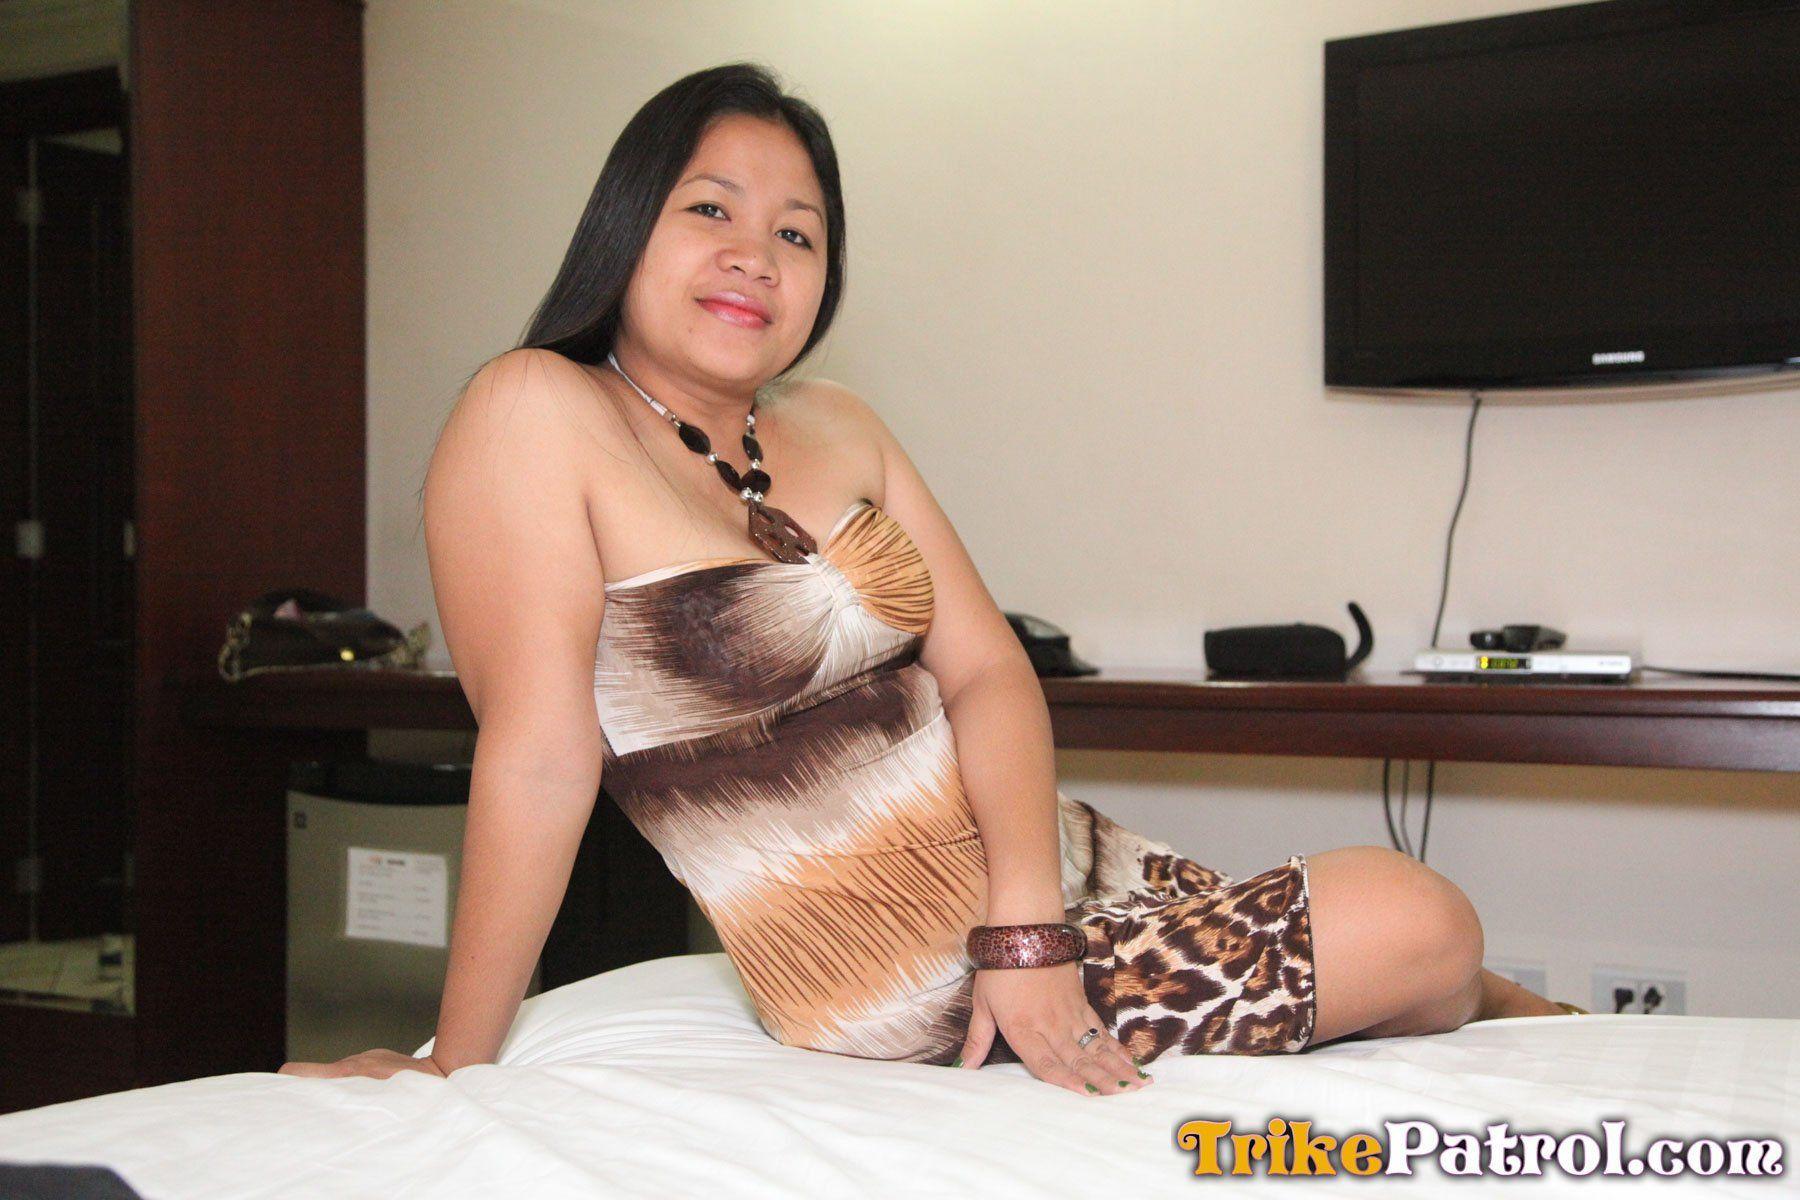 Sexy mature pinay posing hot